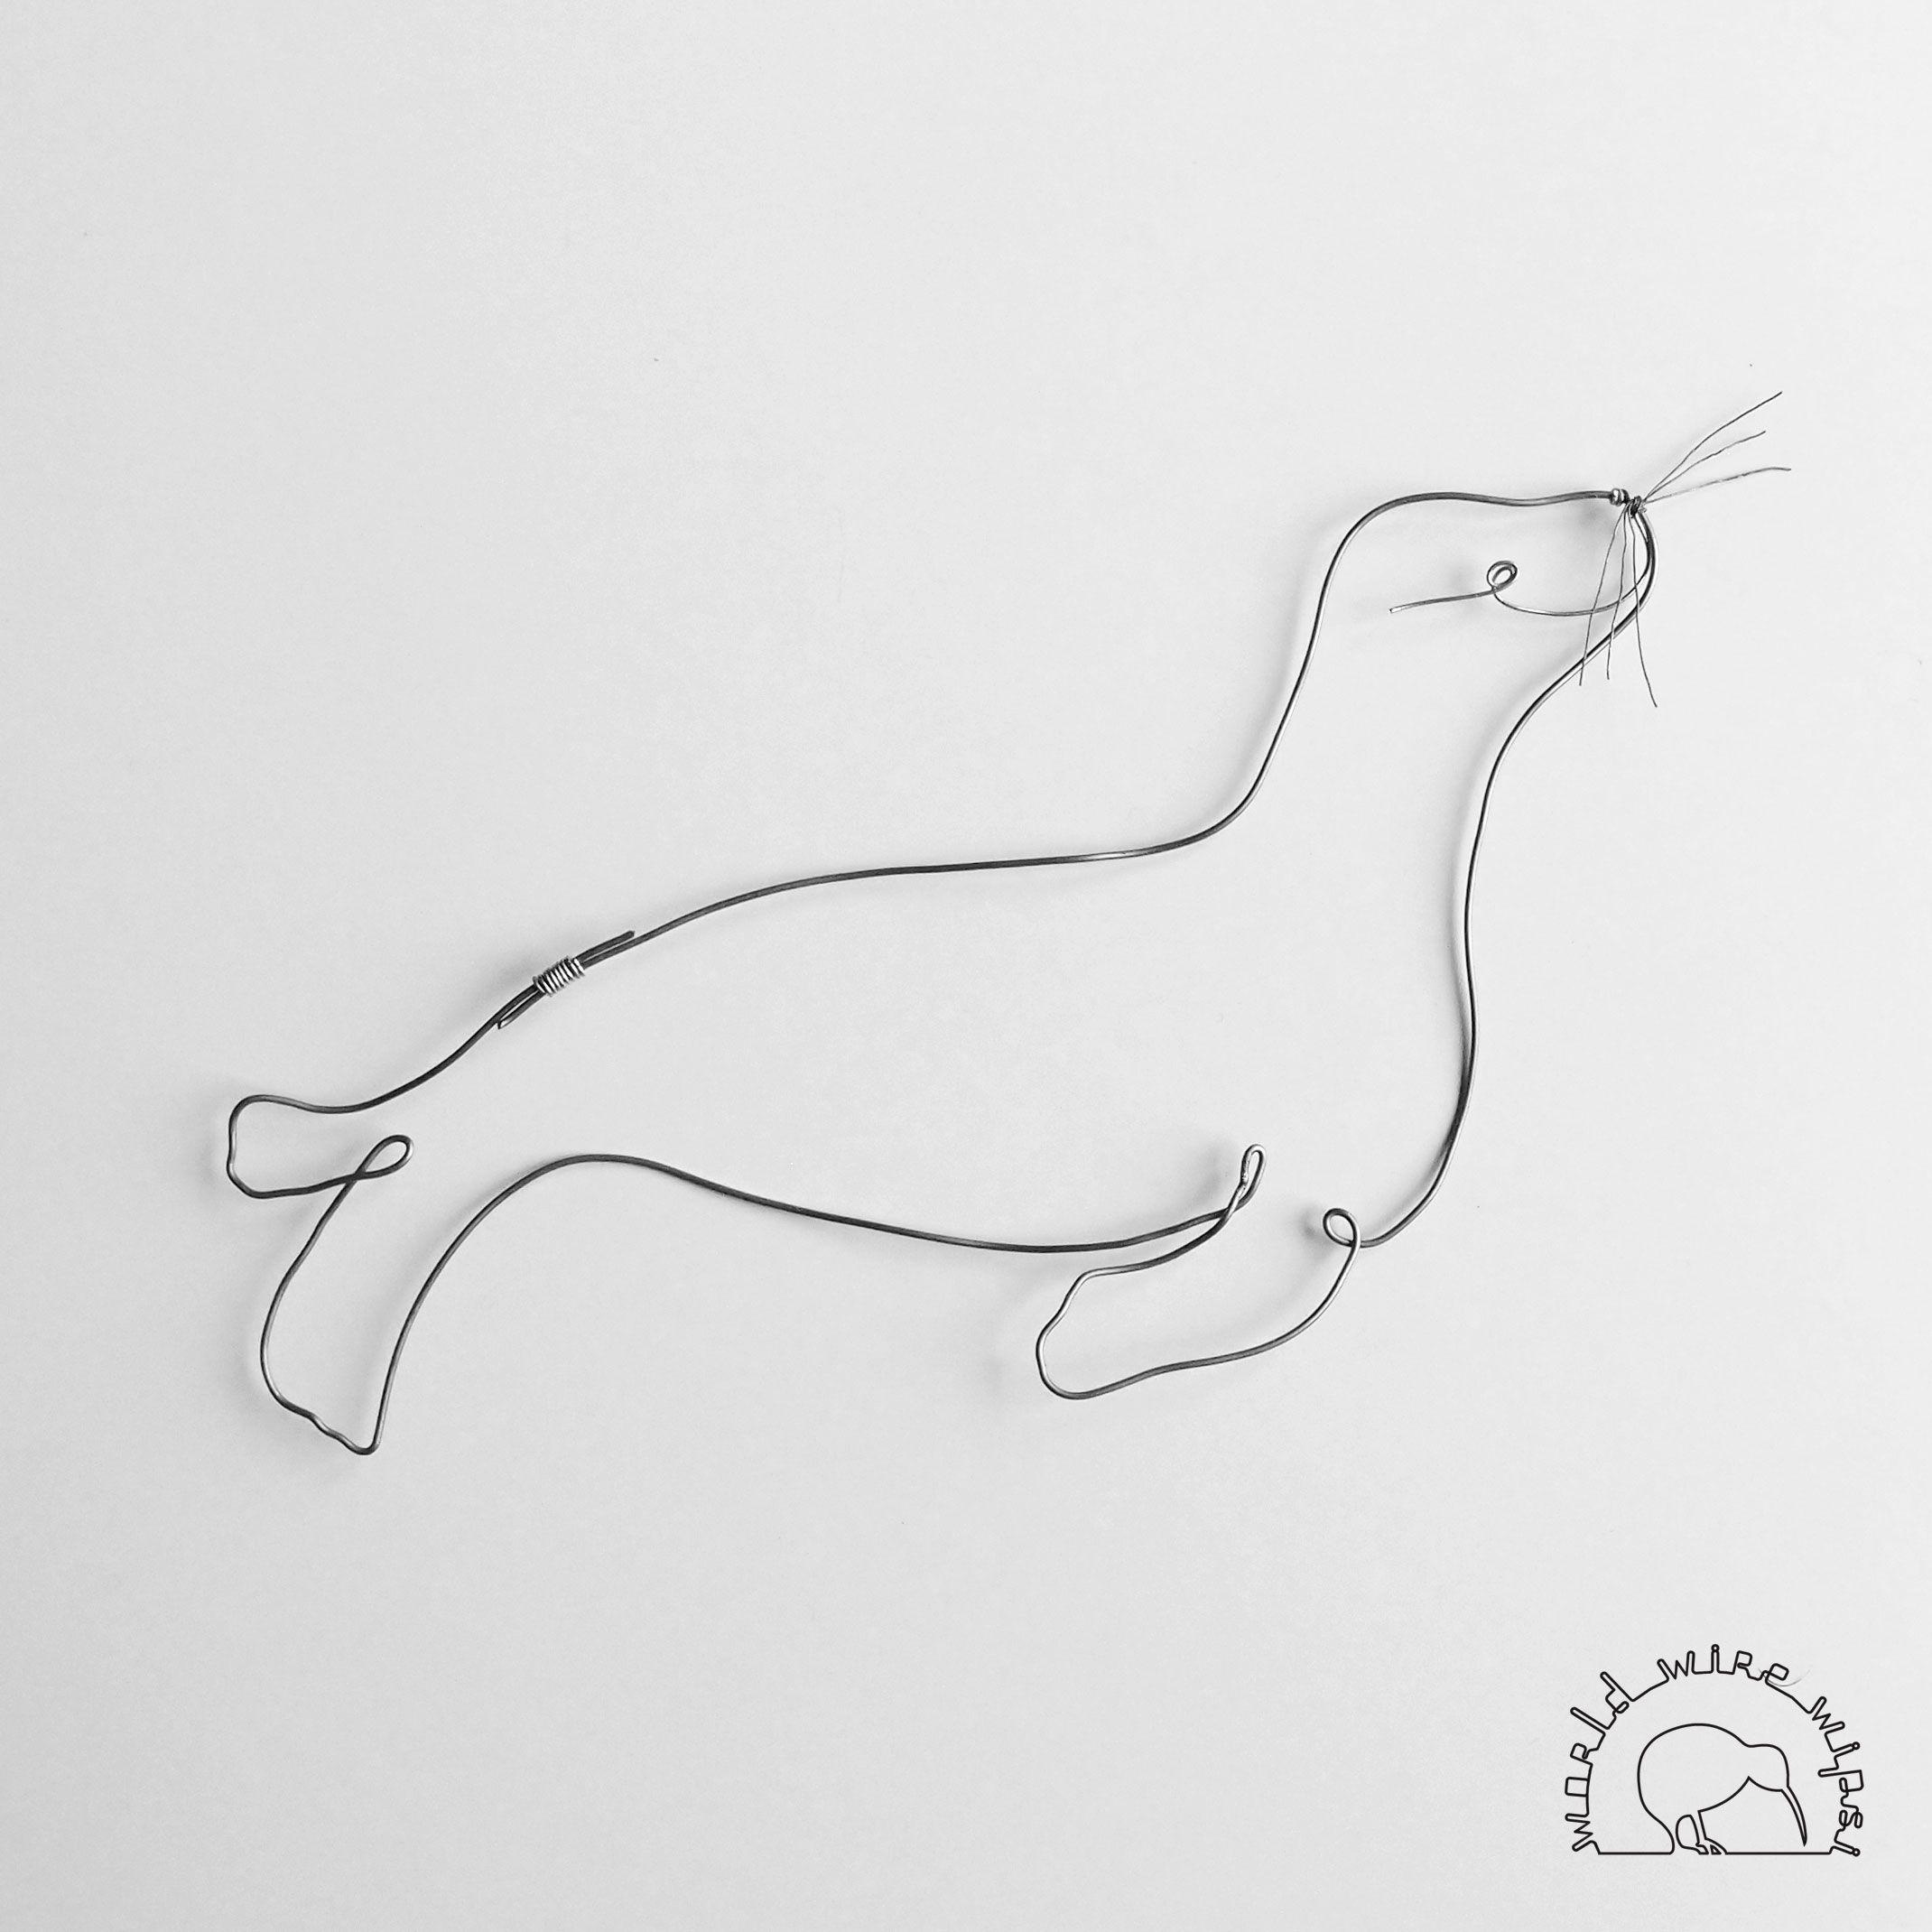 sea lion | wire animals | Pinterest | Wire art, Wire crafts and Wire ...